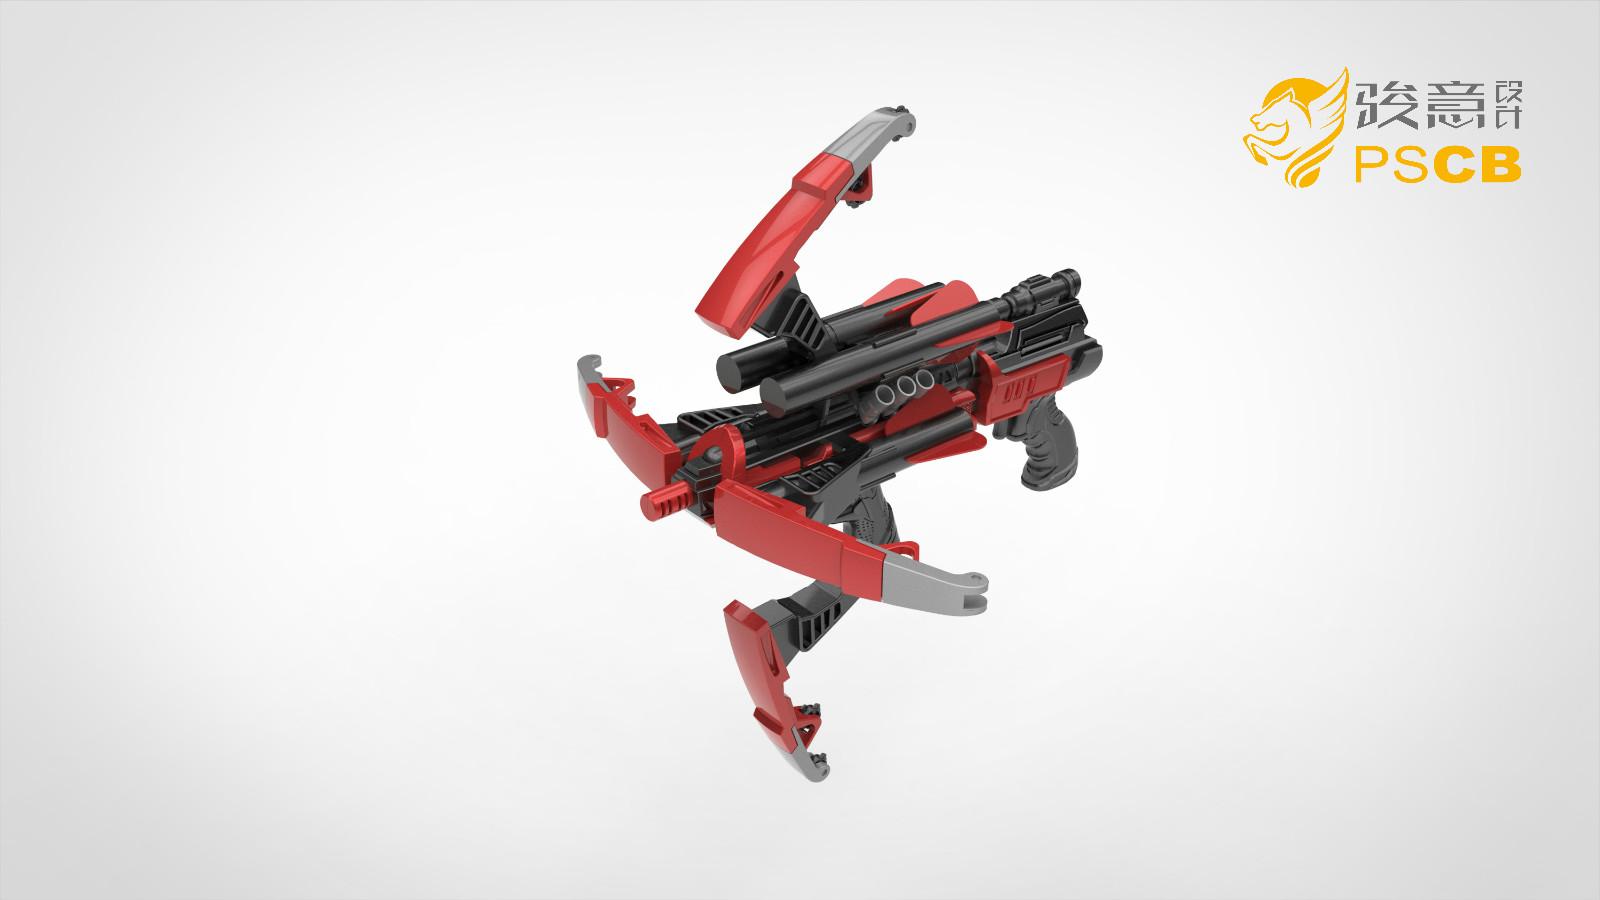 软弹枪设计